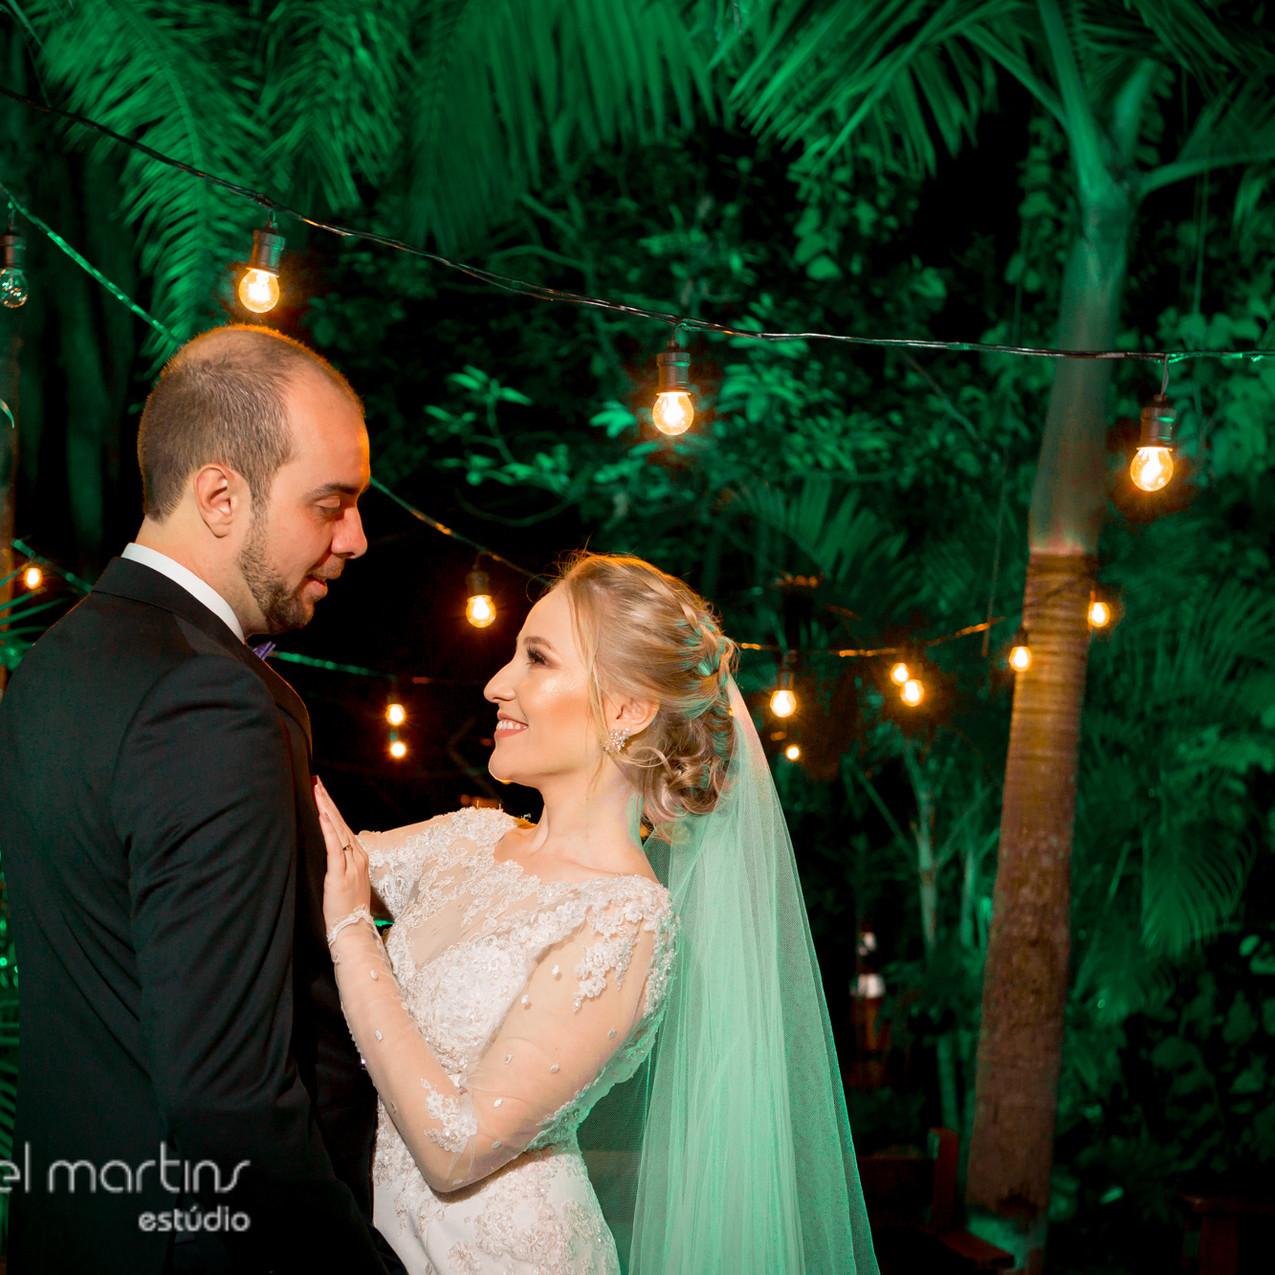 BeR-0879-fotografo-casamento-wedding-gotadagua-rustico-brunaeraul-boho-diy-portoalegre-daniel-martins